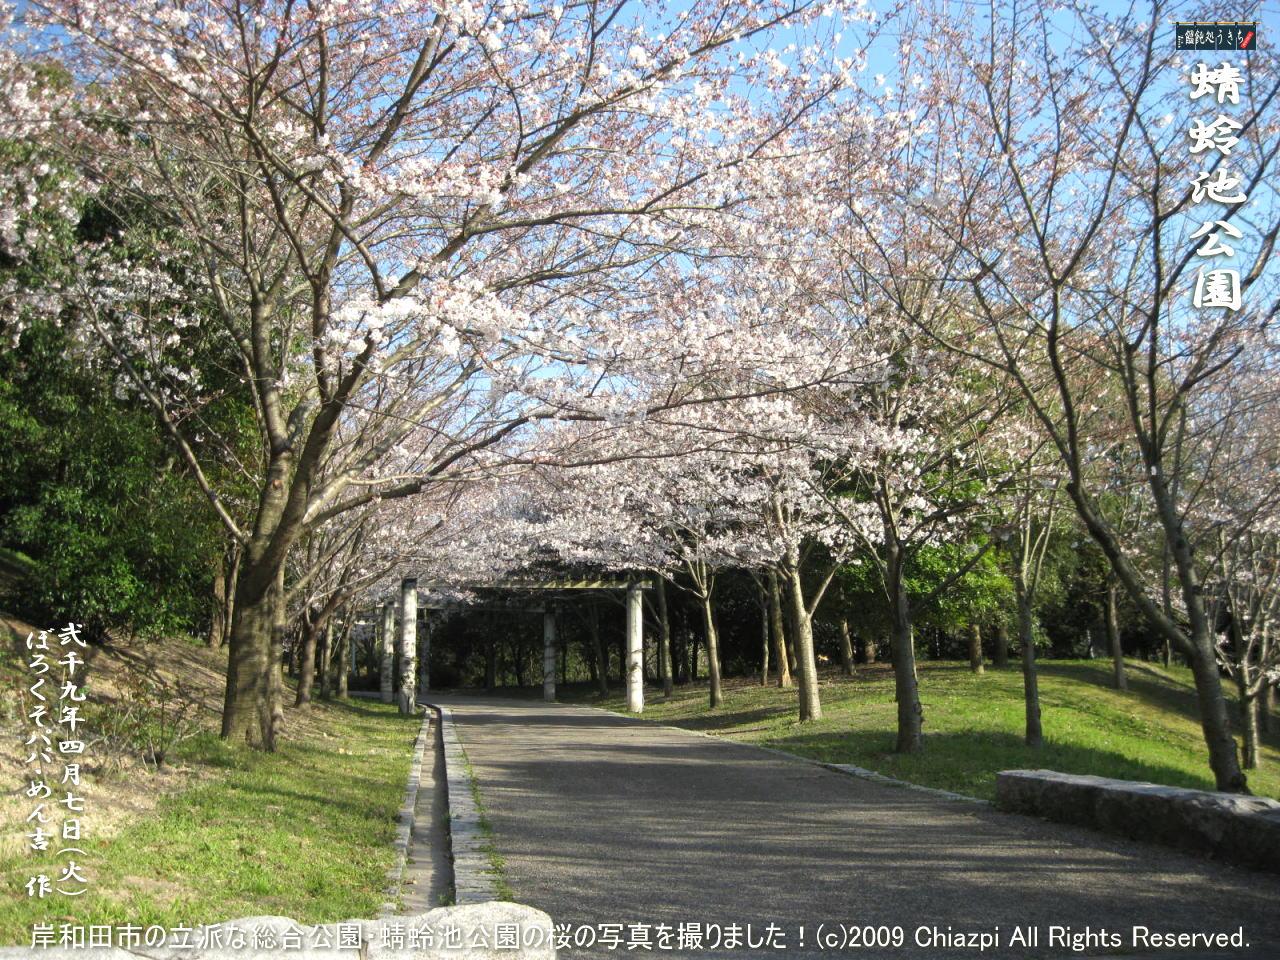 4/7(火)【蜻蛉池公園】岸和田市の立派な総合公園・蜻蛉池公園の桜の写真を撮りました!@キャツピ&めん吉の【ぼろくそパパの独り言】    ▼クリックで1280x960pxlsに拡大します。